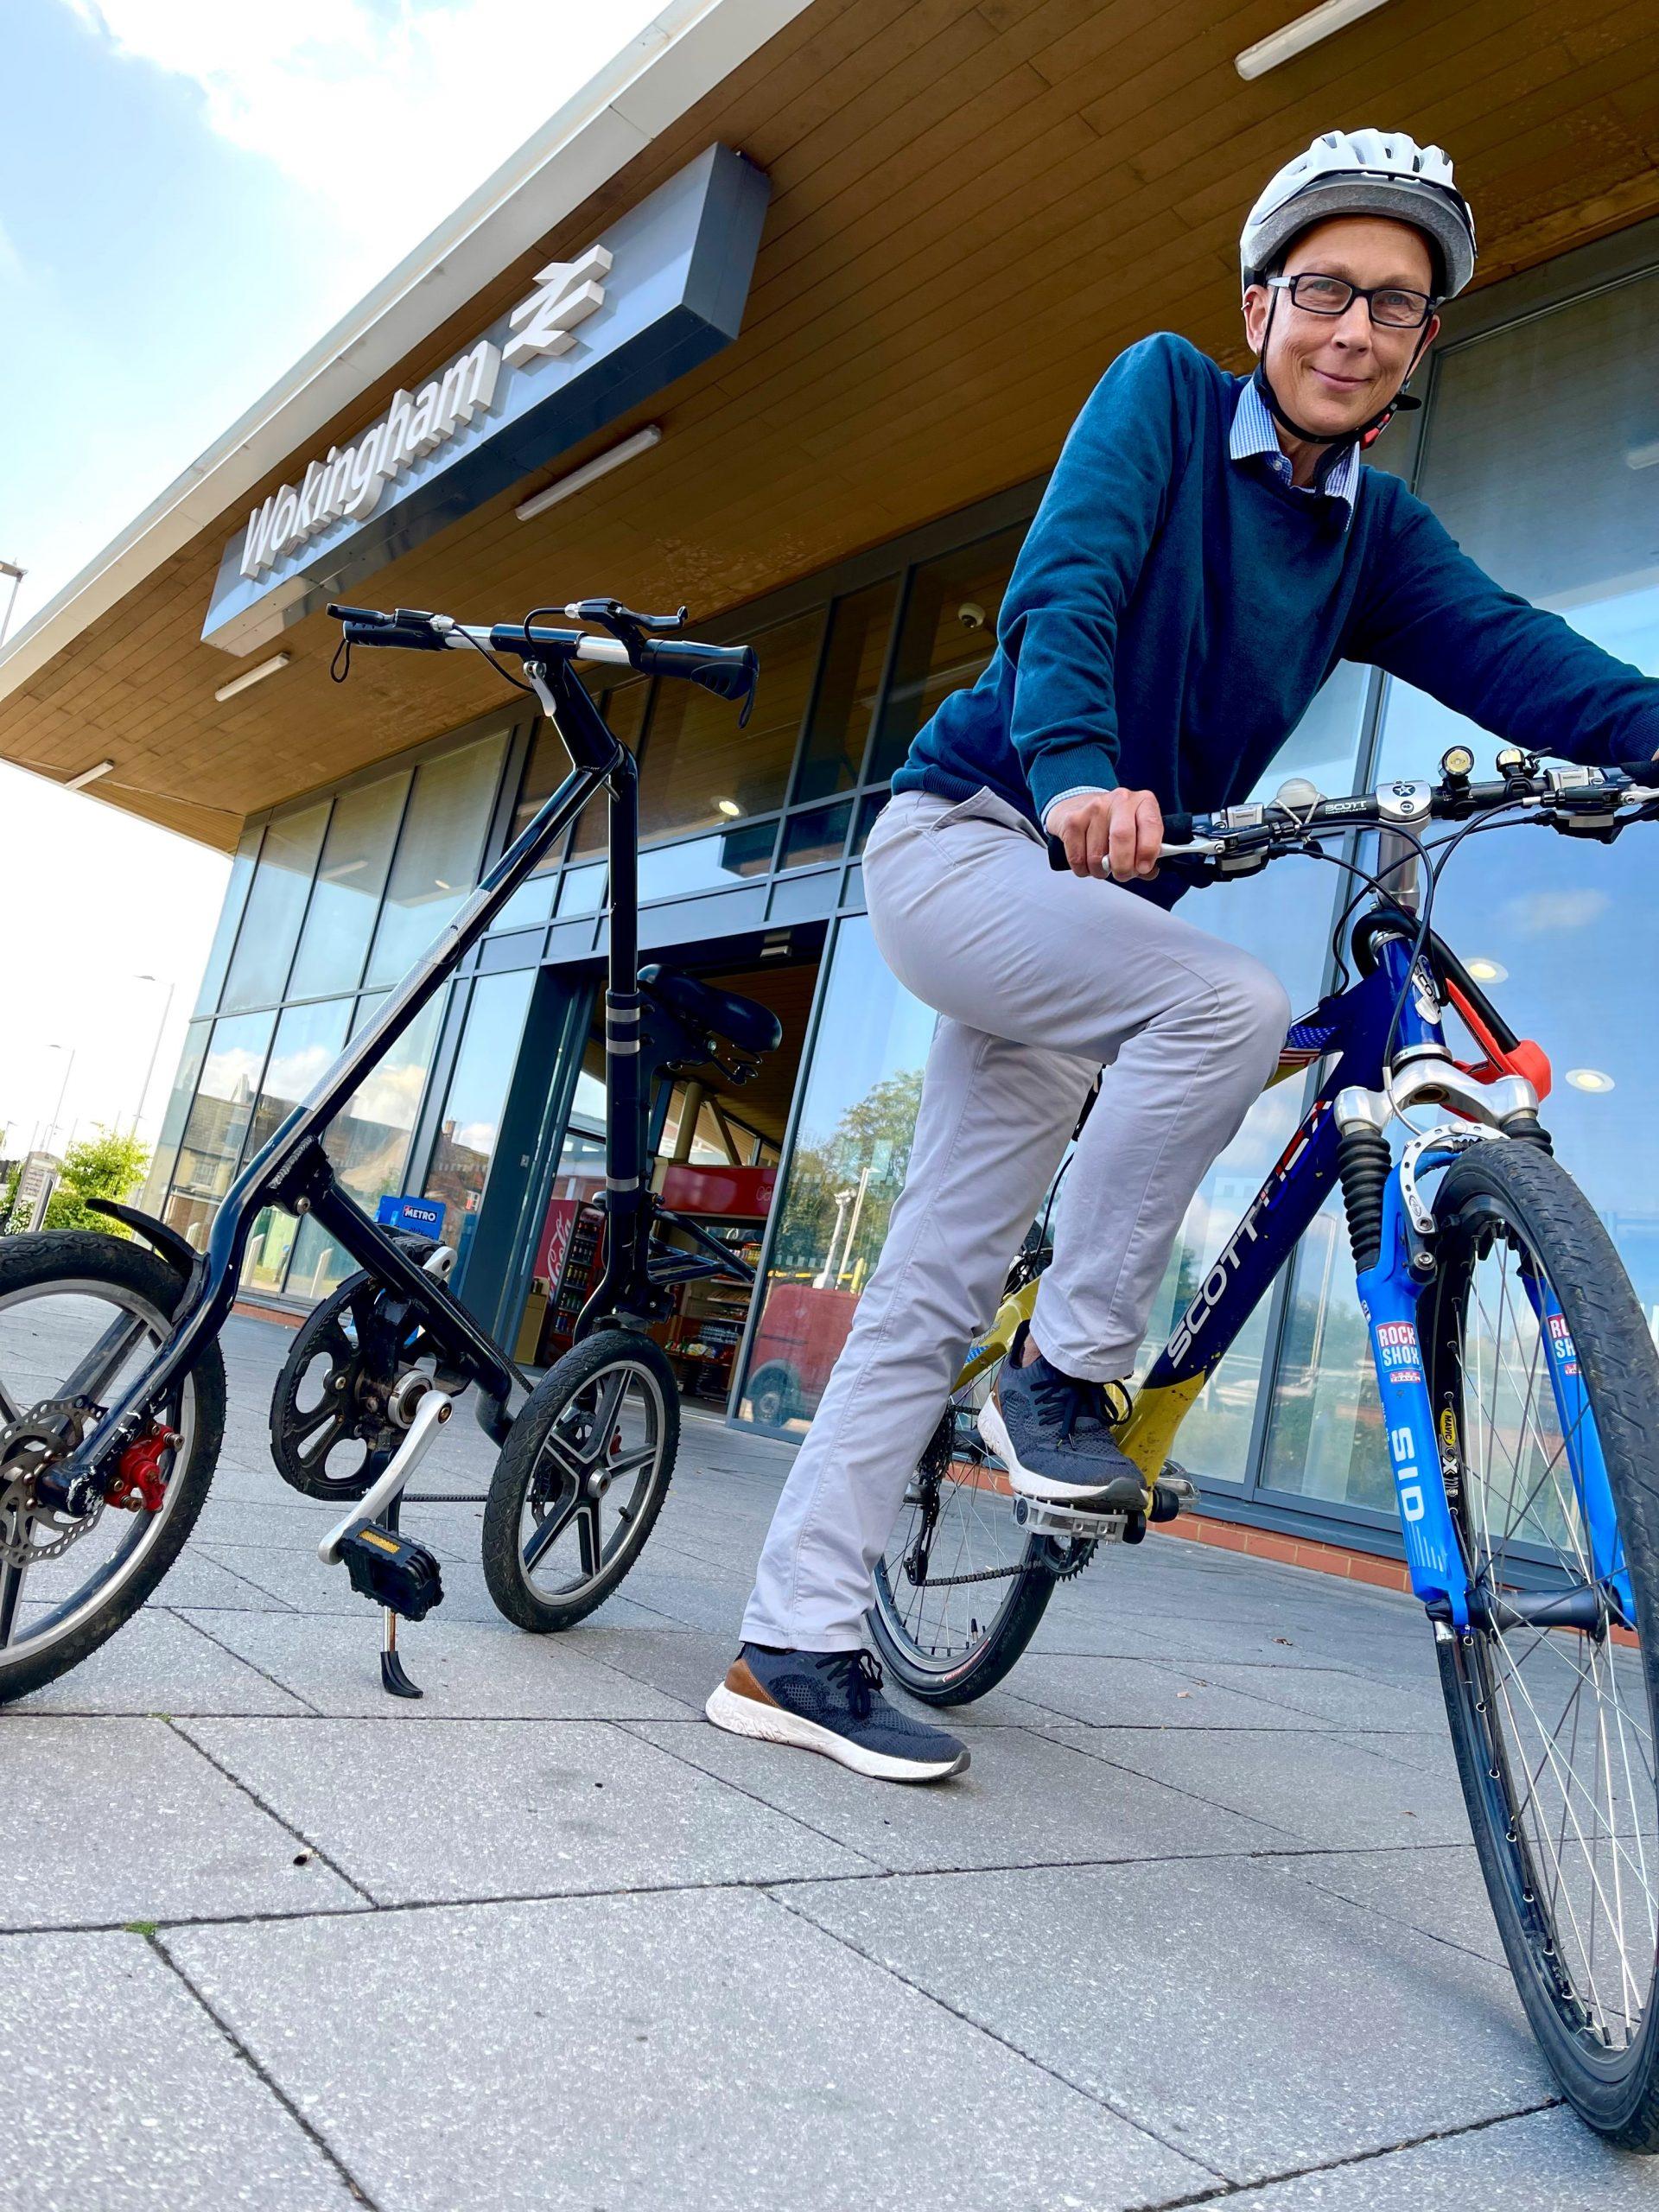 Dr Bike is at Wokingham Station!